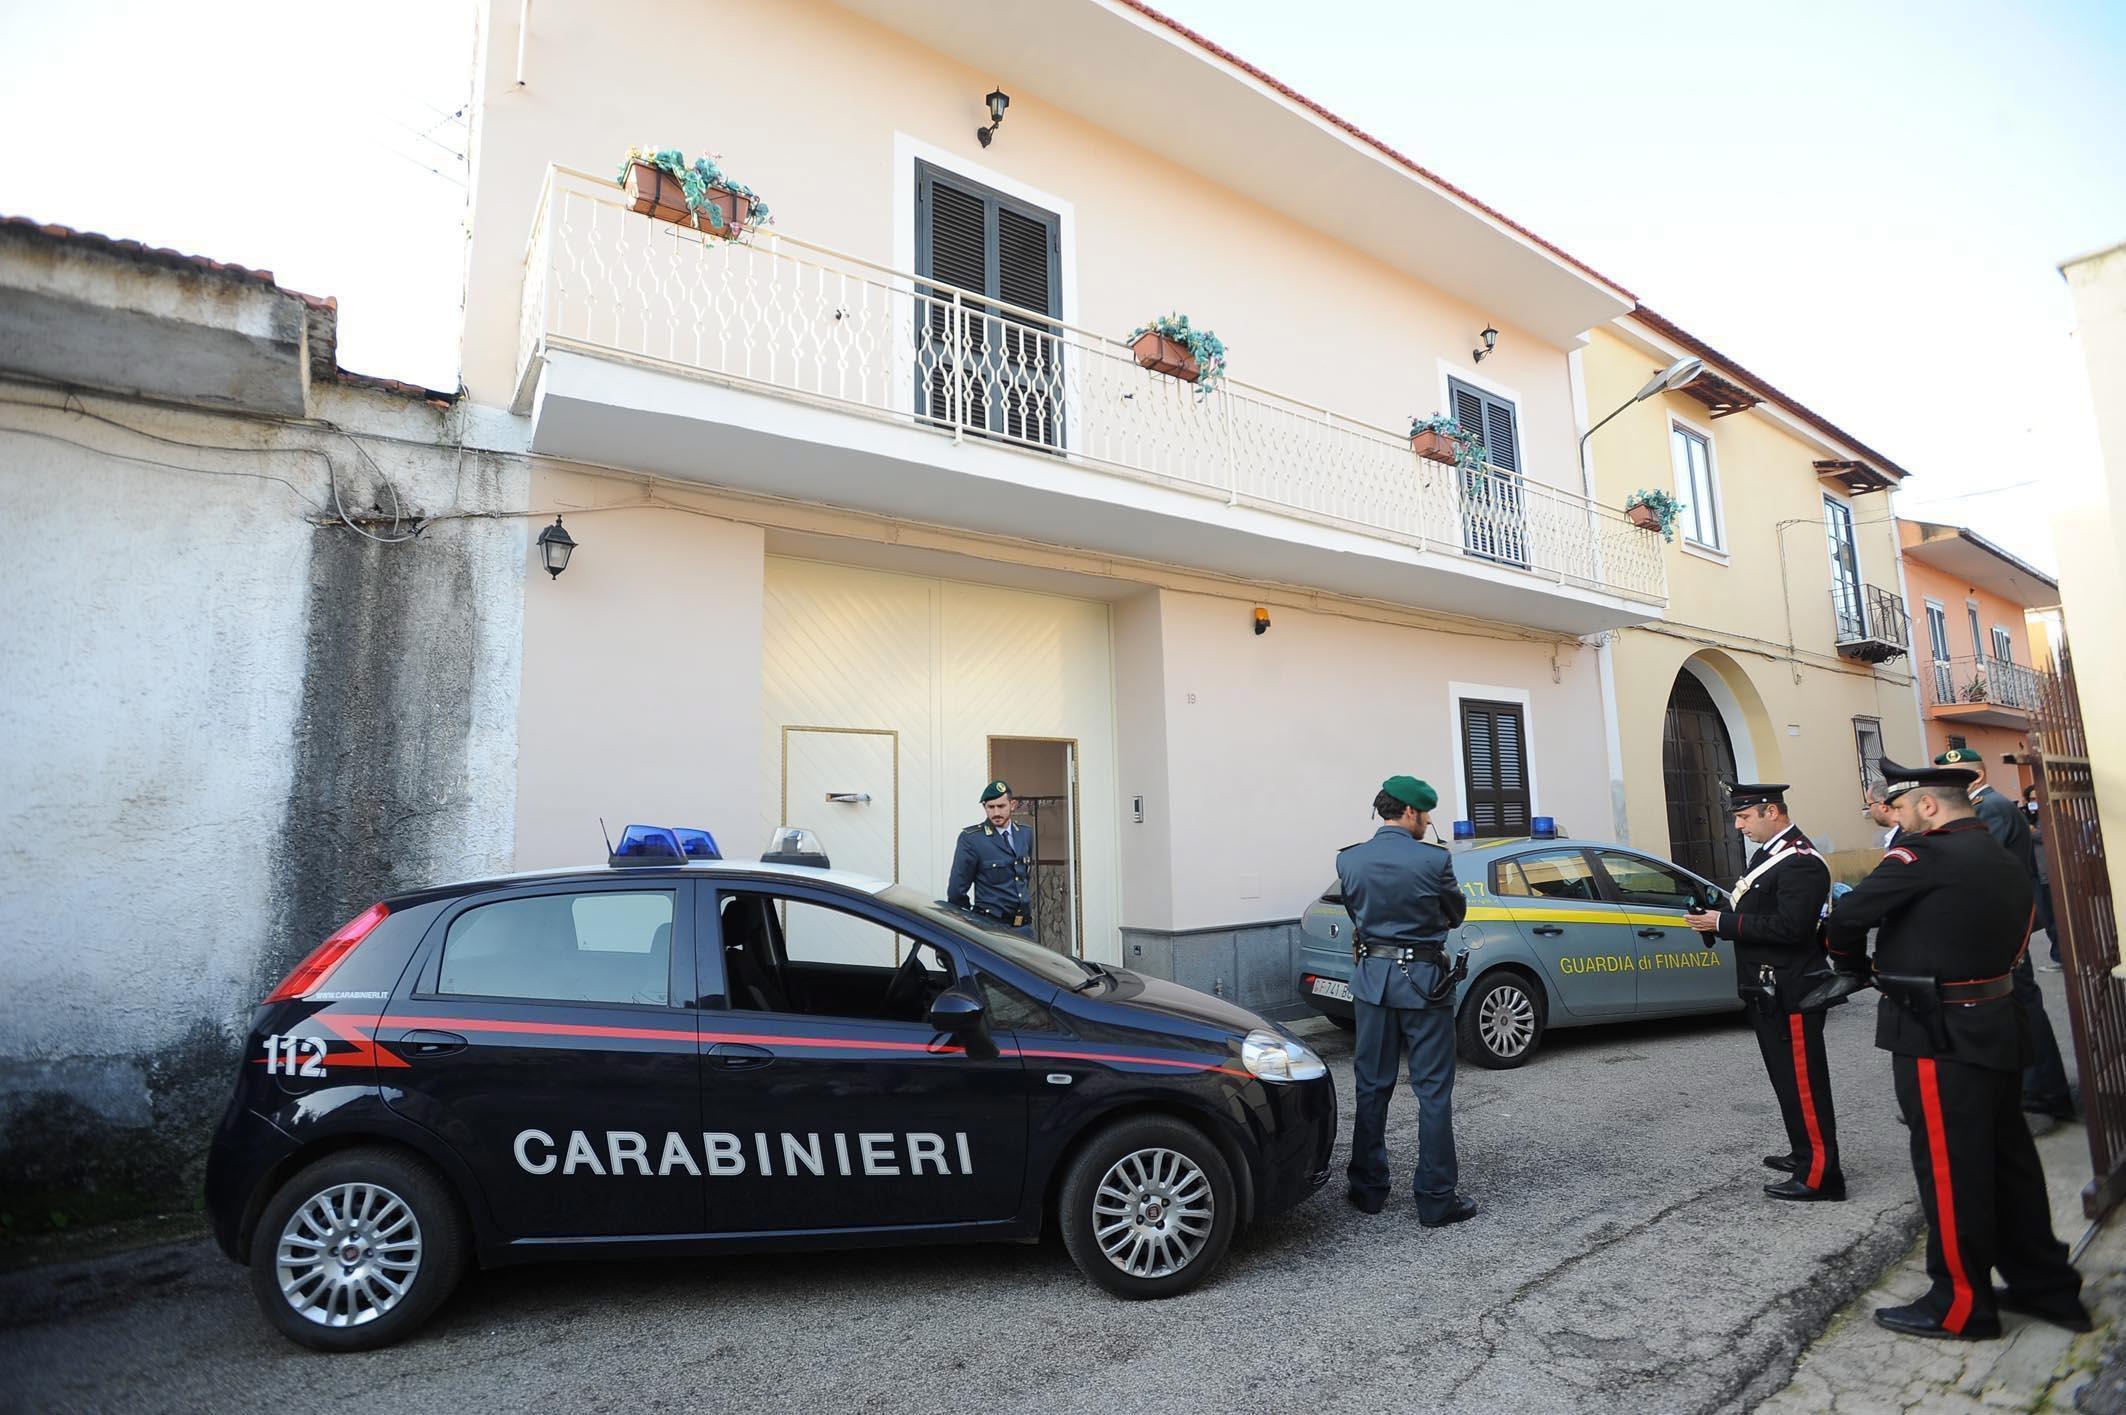 Η ιταλική αστυνομία συνέλαβε 95 μαφιόζους στο Παλέρμο   tovima.gr